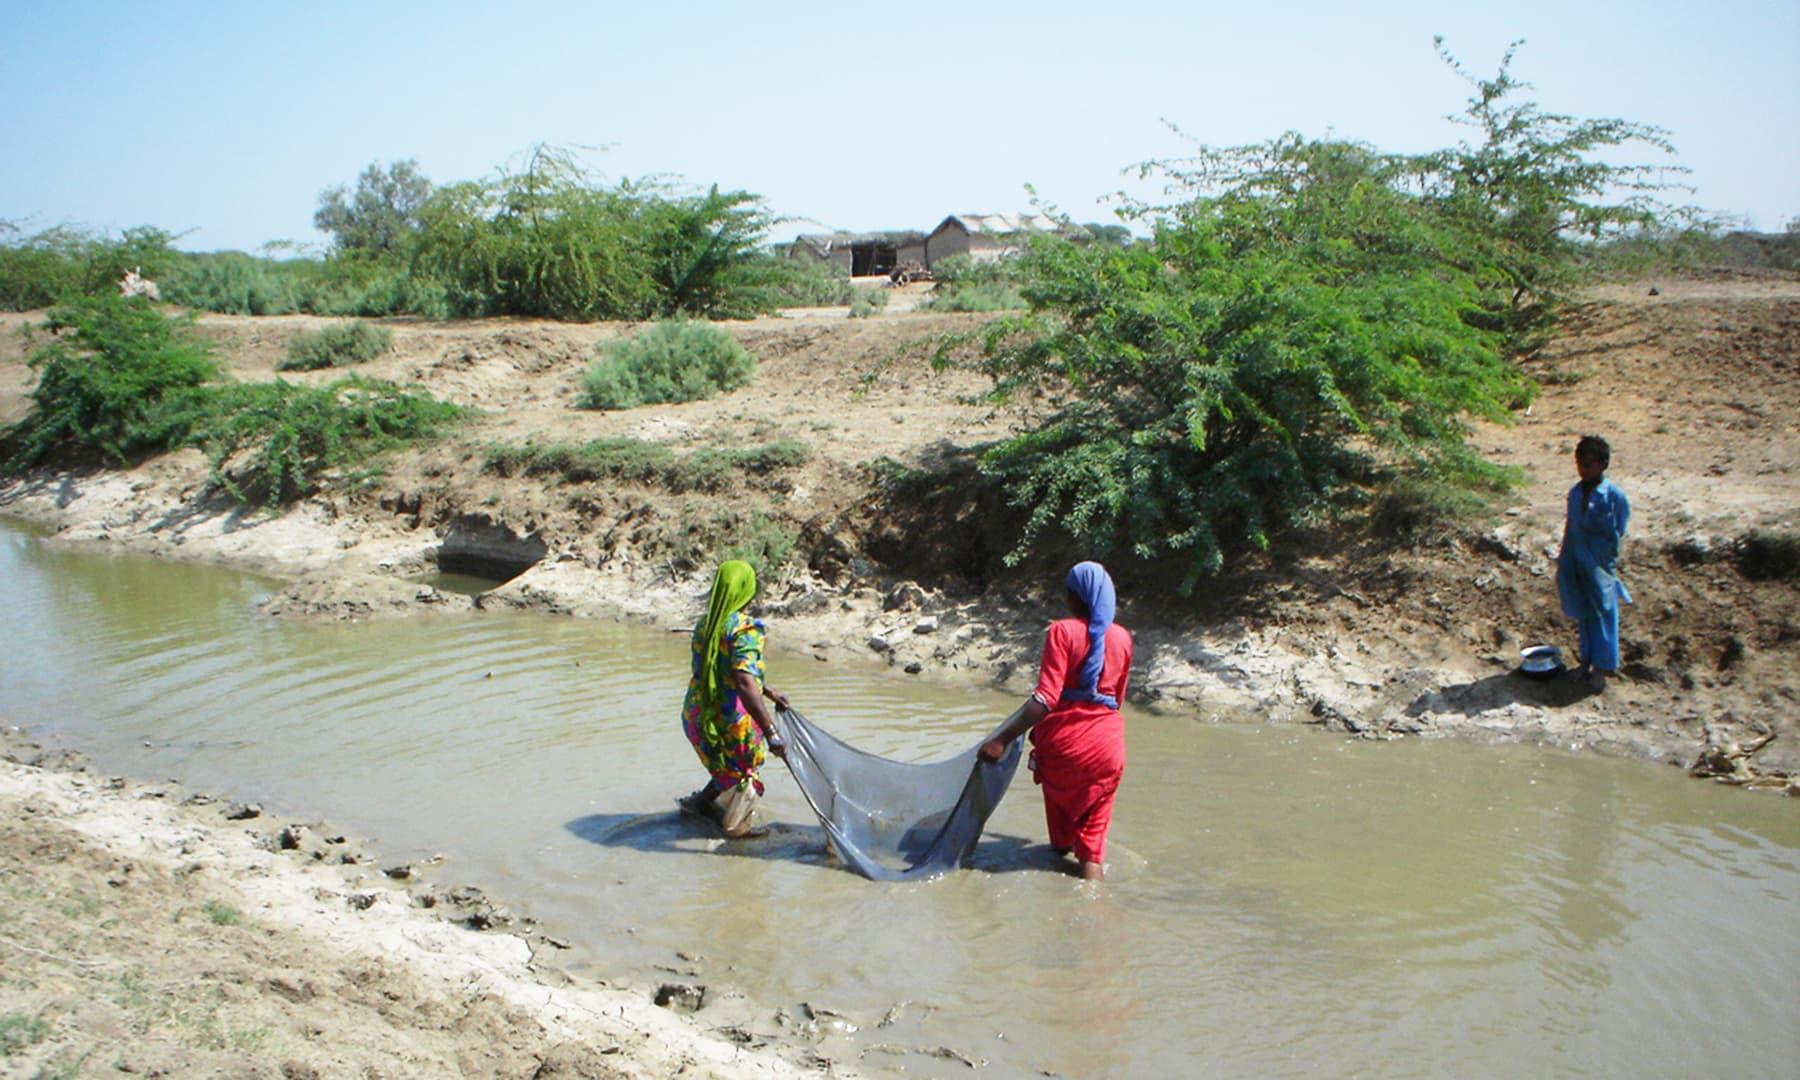 انڈس ڈیلٹا سے قریبی علاقوں میں موجود نہریں — تصویر ابوبکر شیخ